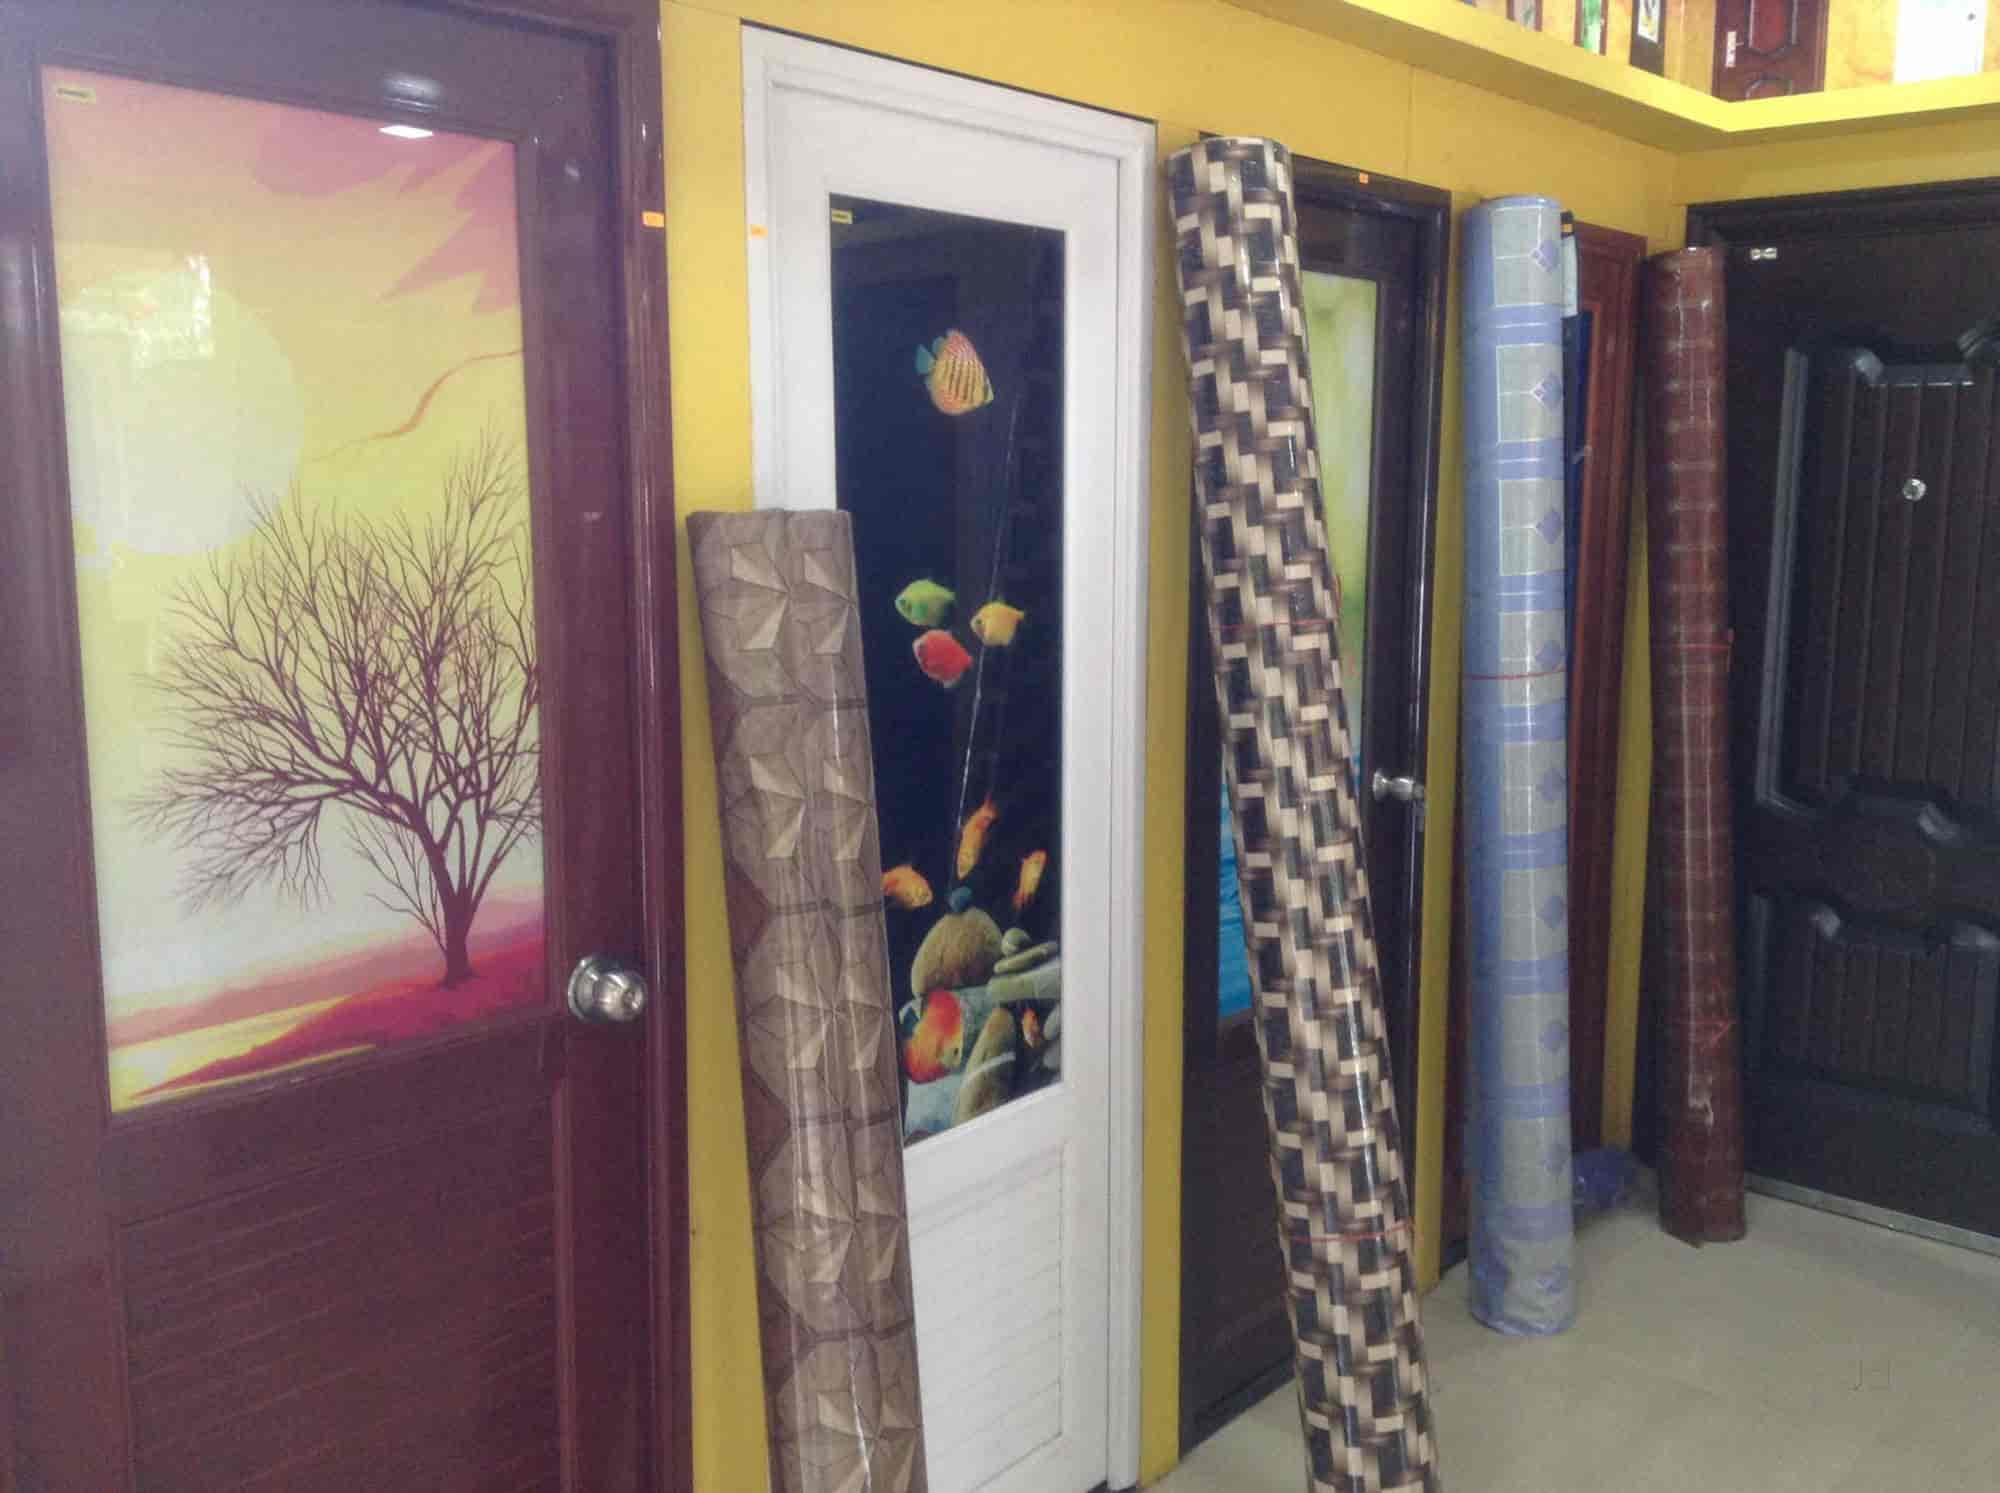 ... Ideal Doors \u0026 Ply Photos Ramanattukara Kozhikode - Door Dealers ... & Ideal Doors Ply Photos Ramanattukara Kozhikode- Pictures ...